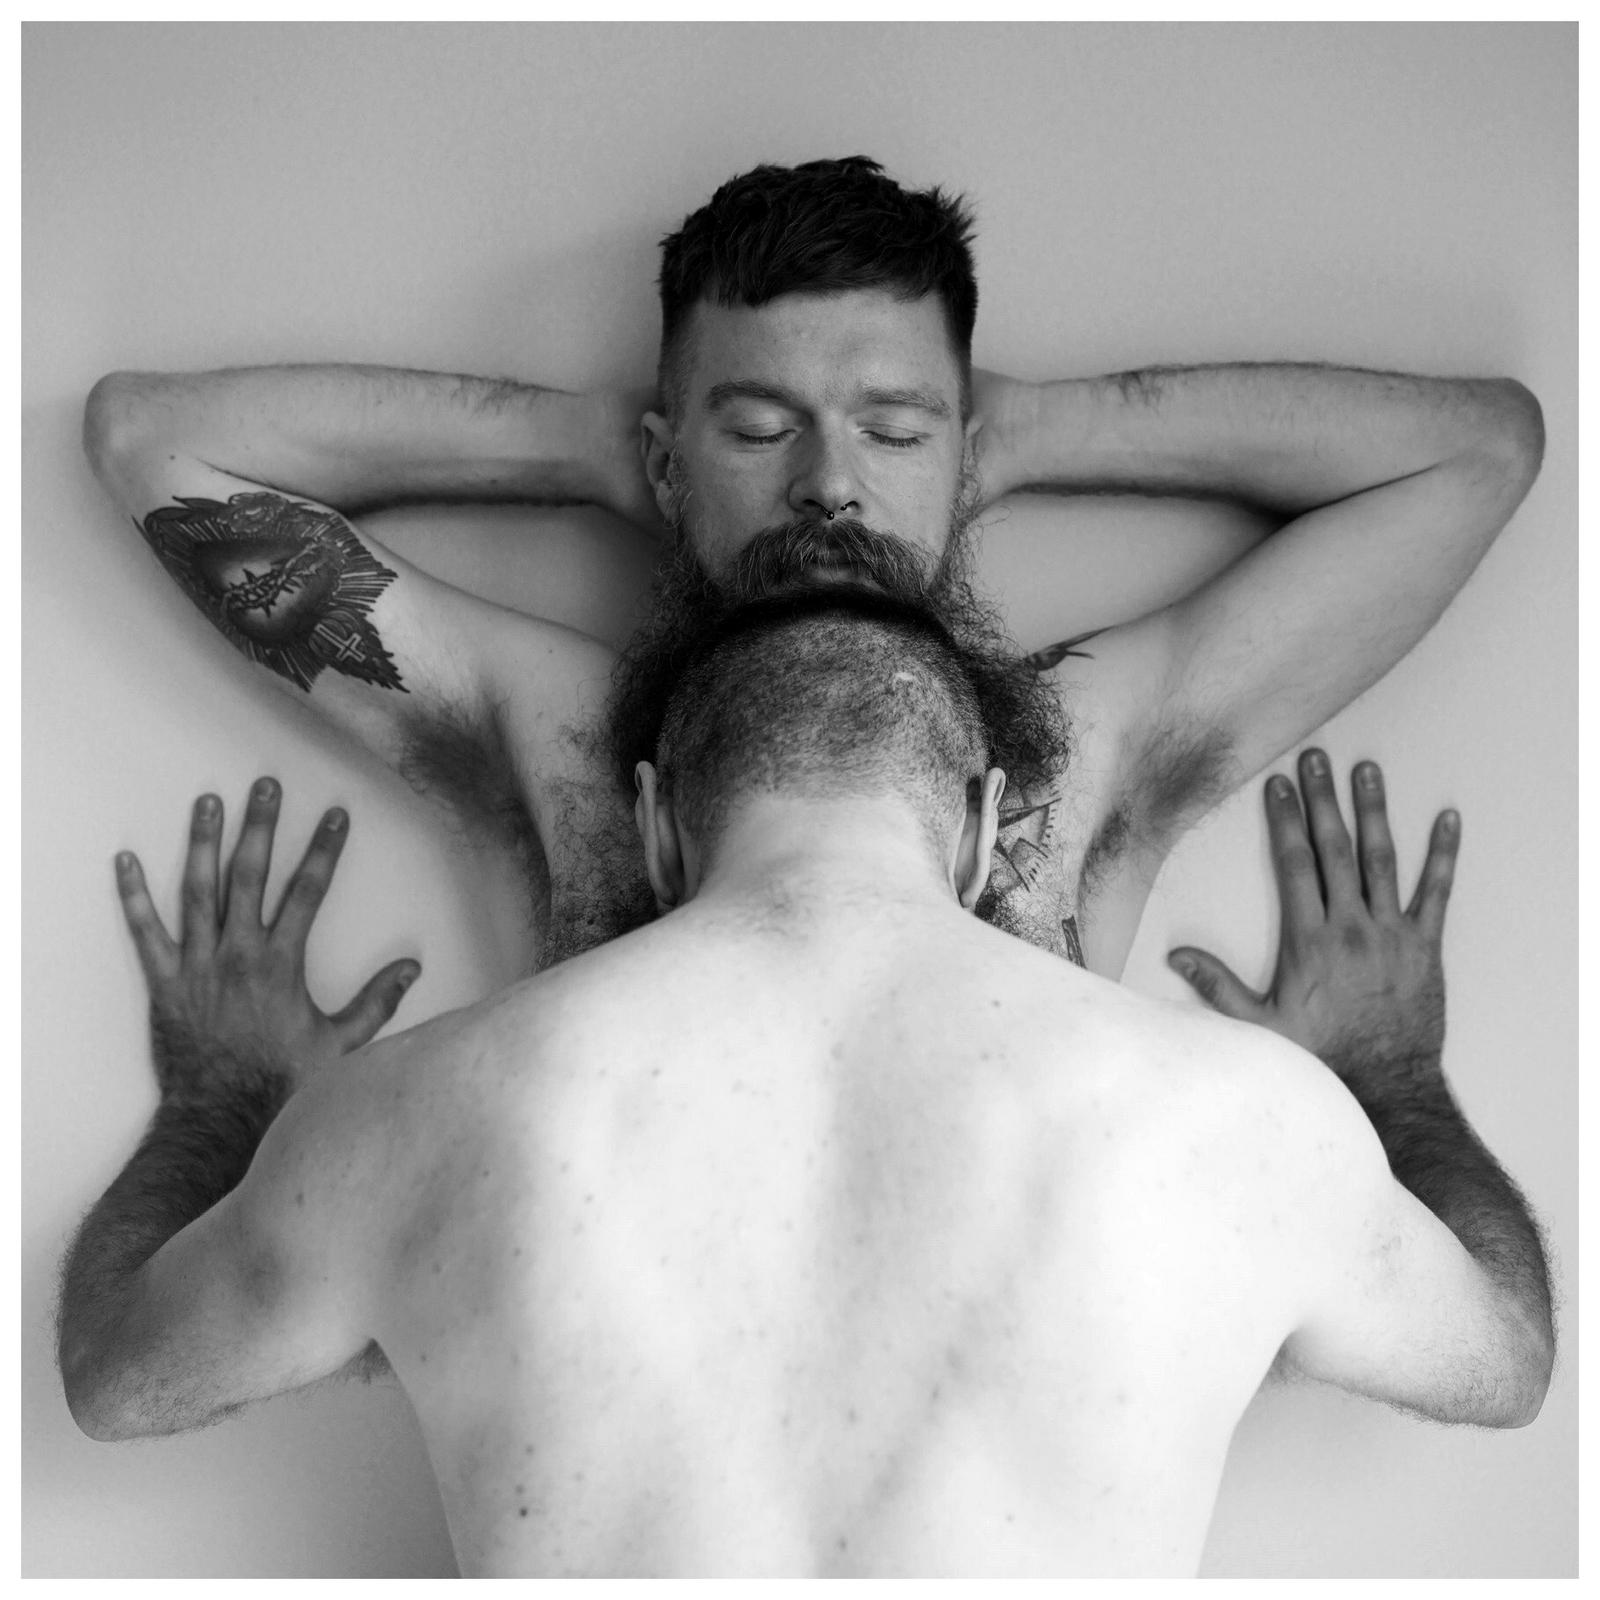 TogetheR, by Taleofmen ft Zeljko Varga and Daniel Buchwald.